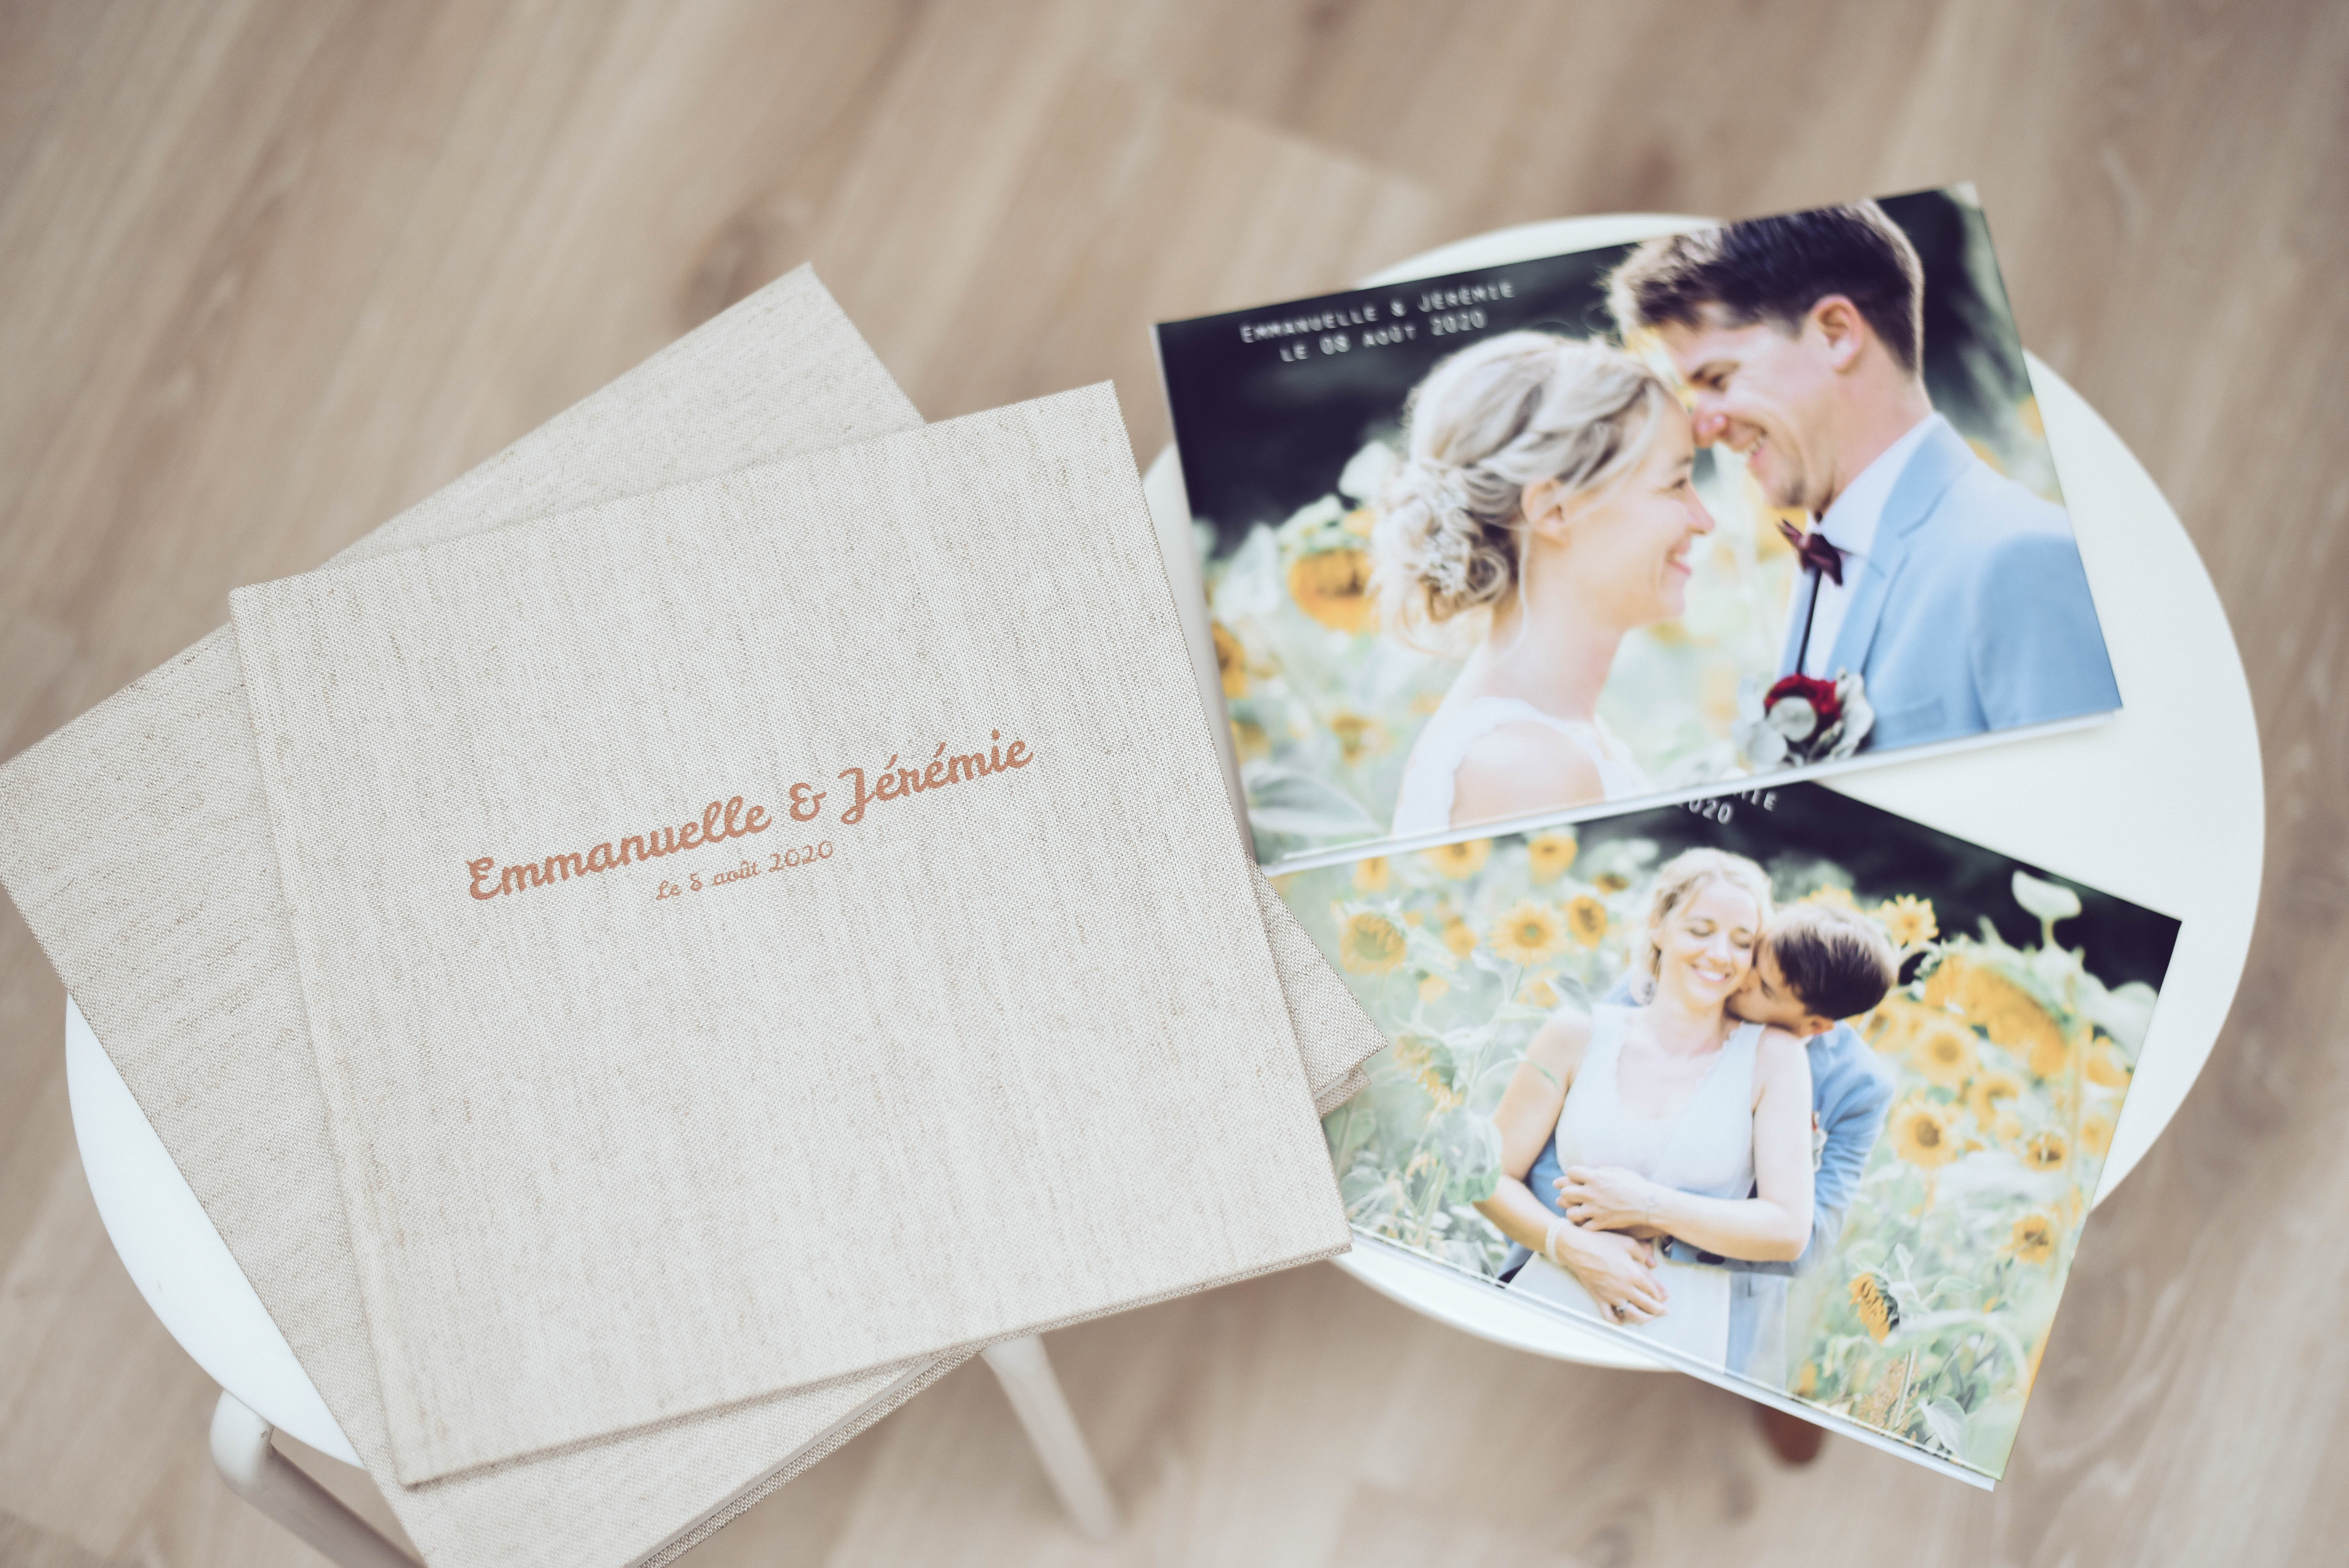 Le mariage d'Emmanuelle & Jérémie